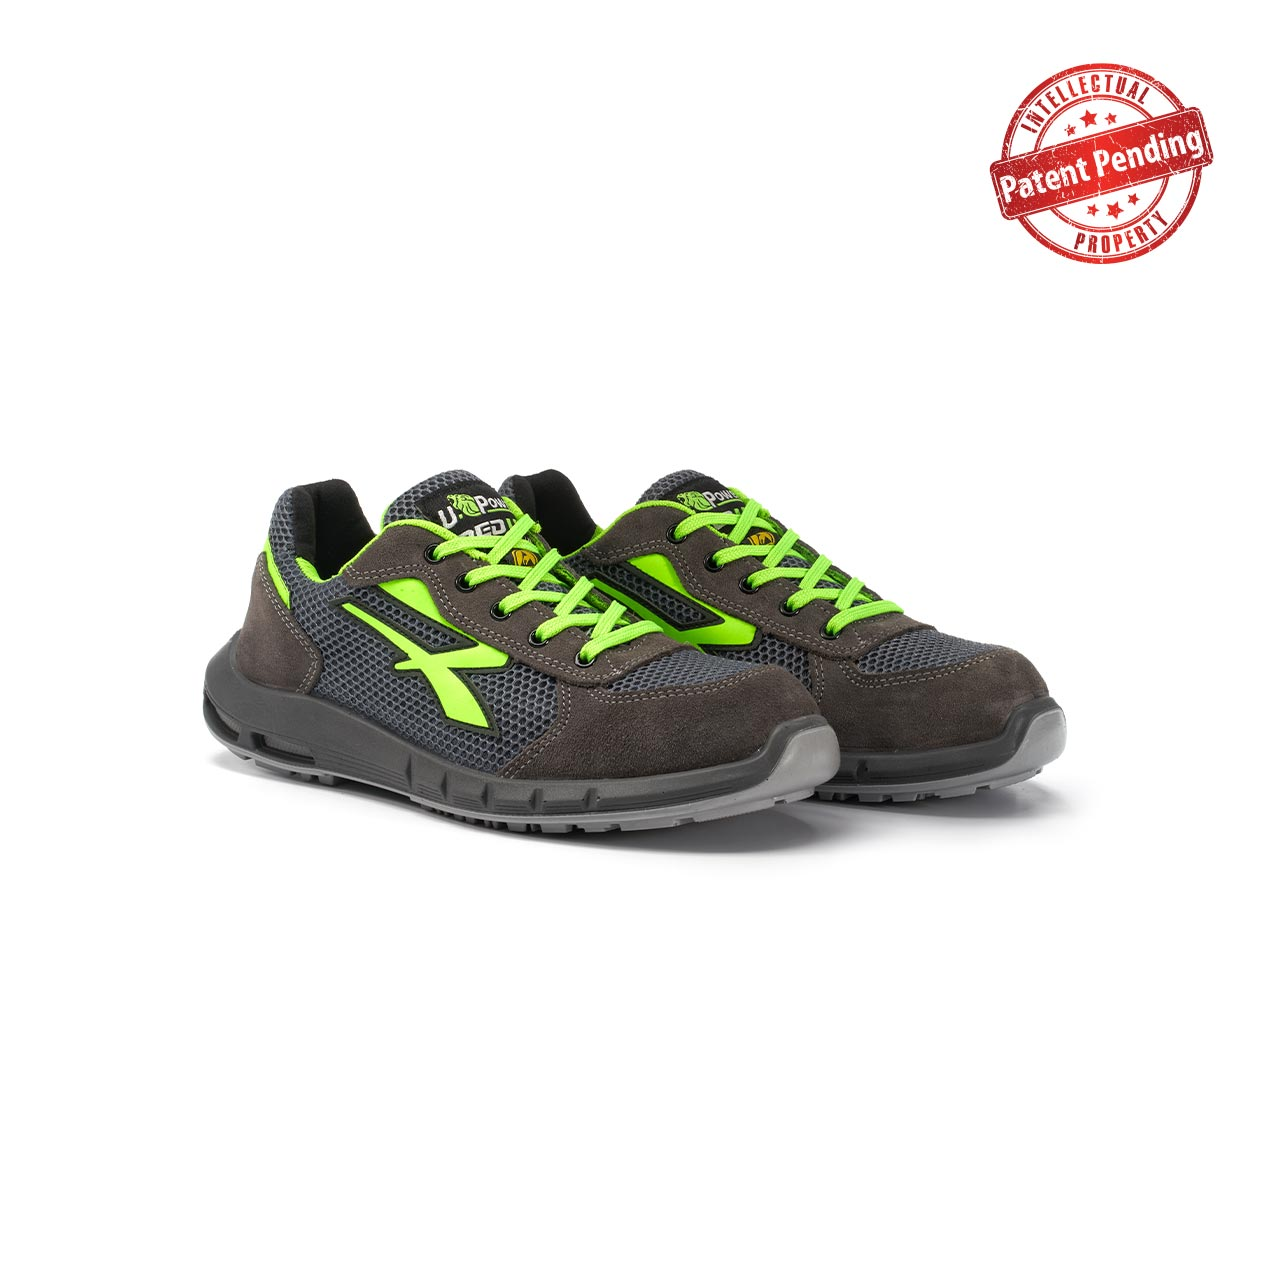 paio di scarpe antinfortunistiche upower modello gemini plus linea redup plus vista prospettica